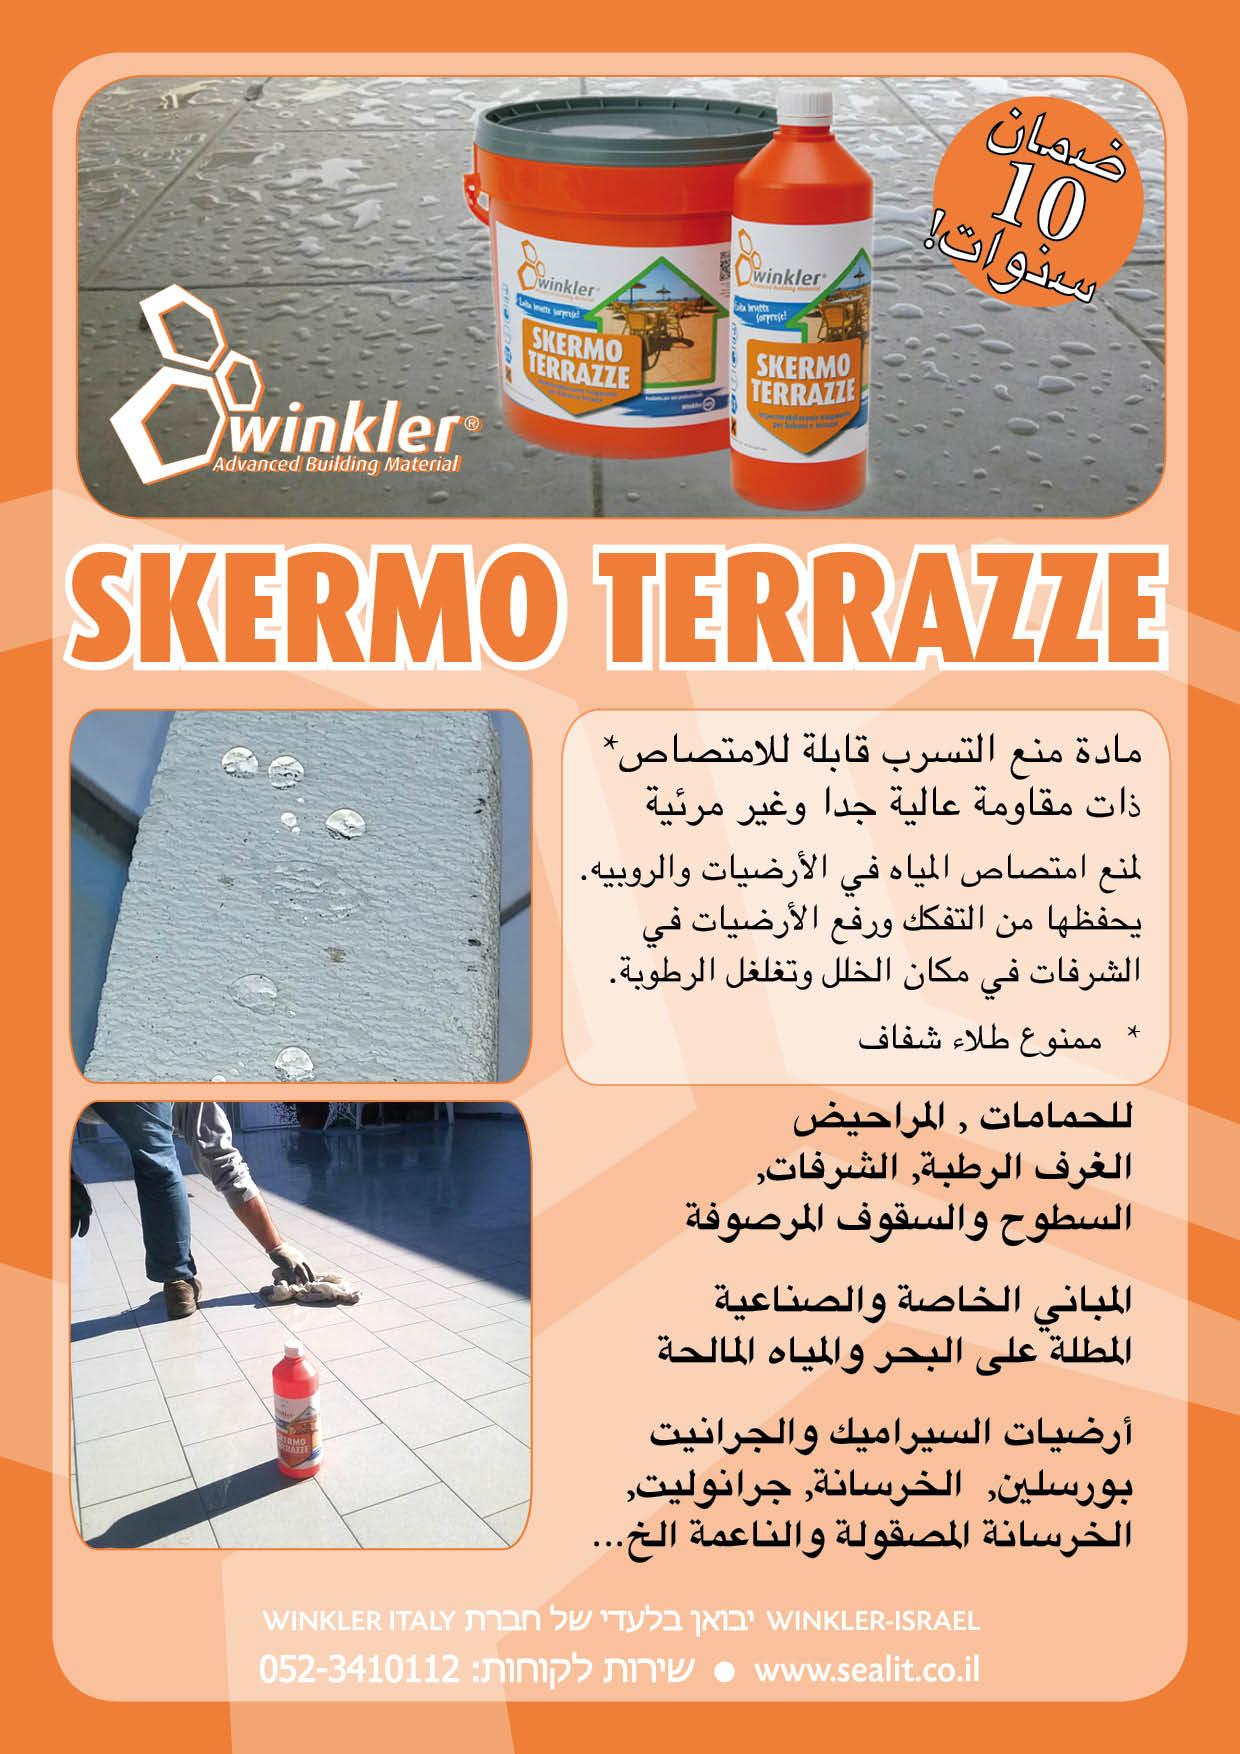 flyer-skermo-terrazze-arab